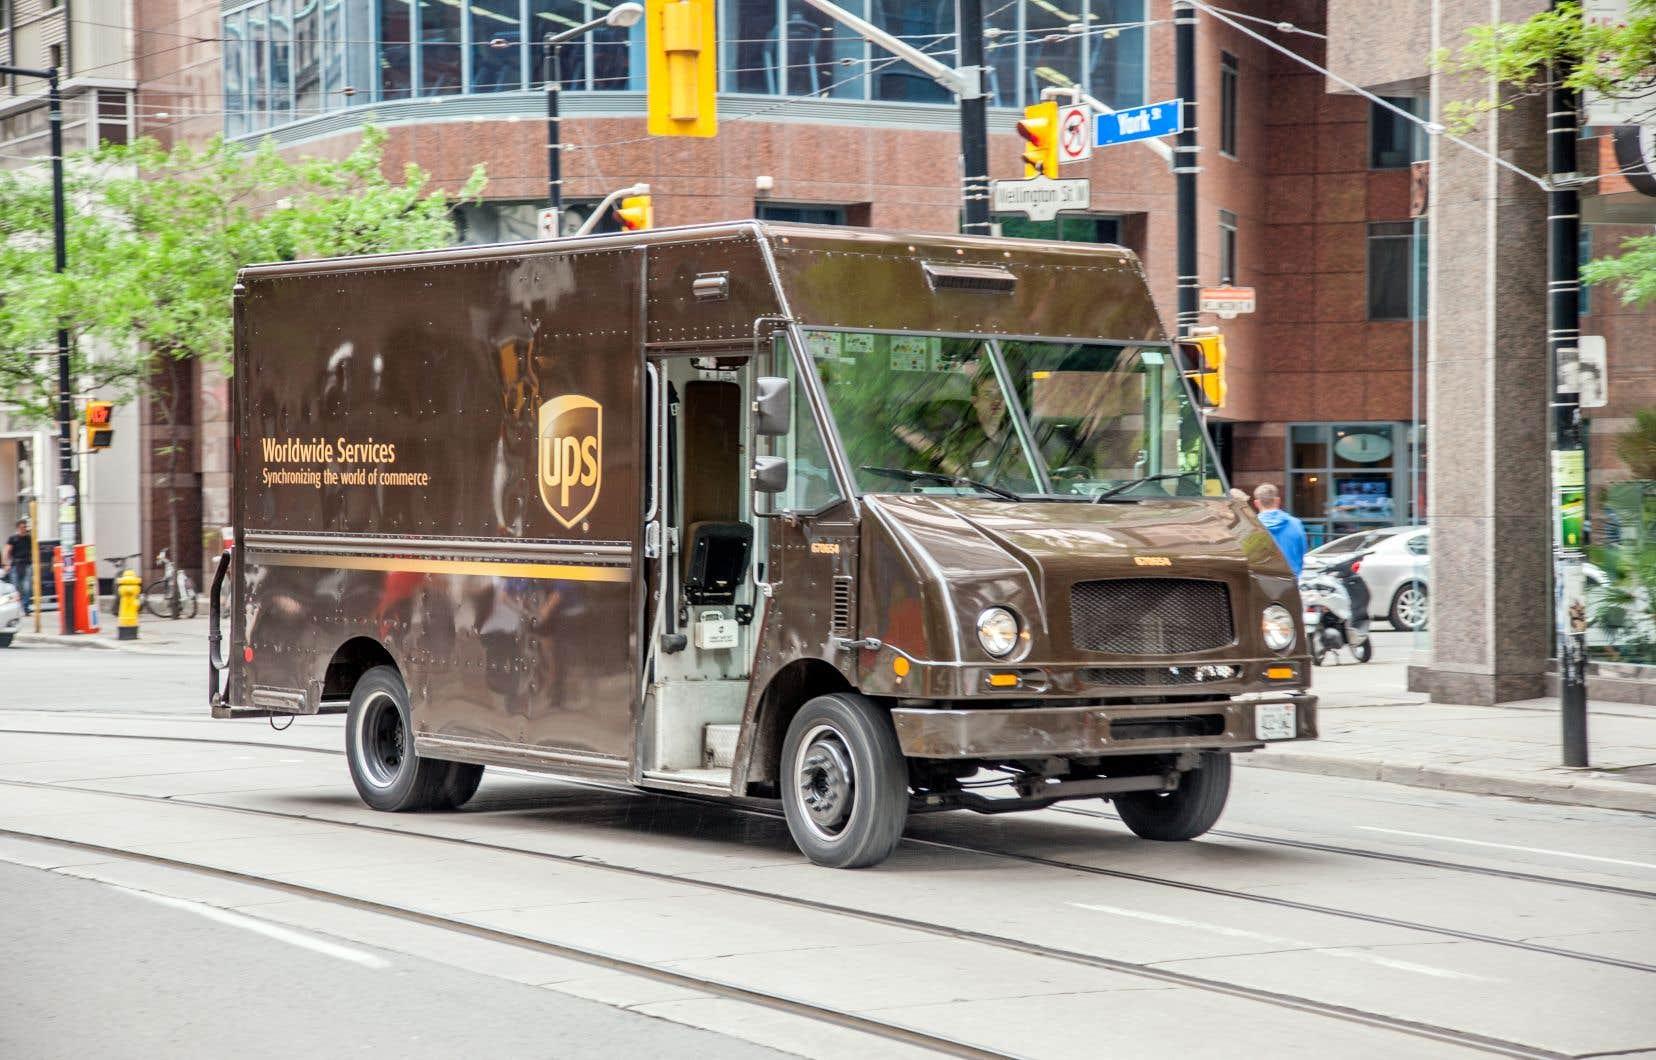 UPS emploie plus de 12000 personnes au Canada.